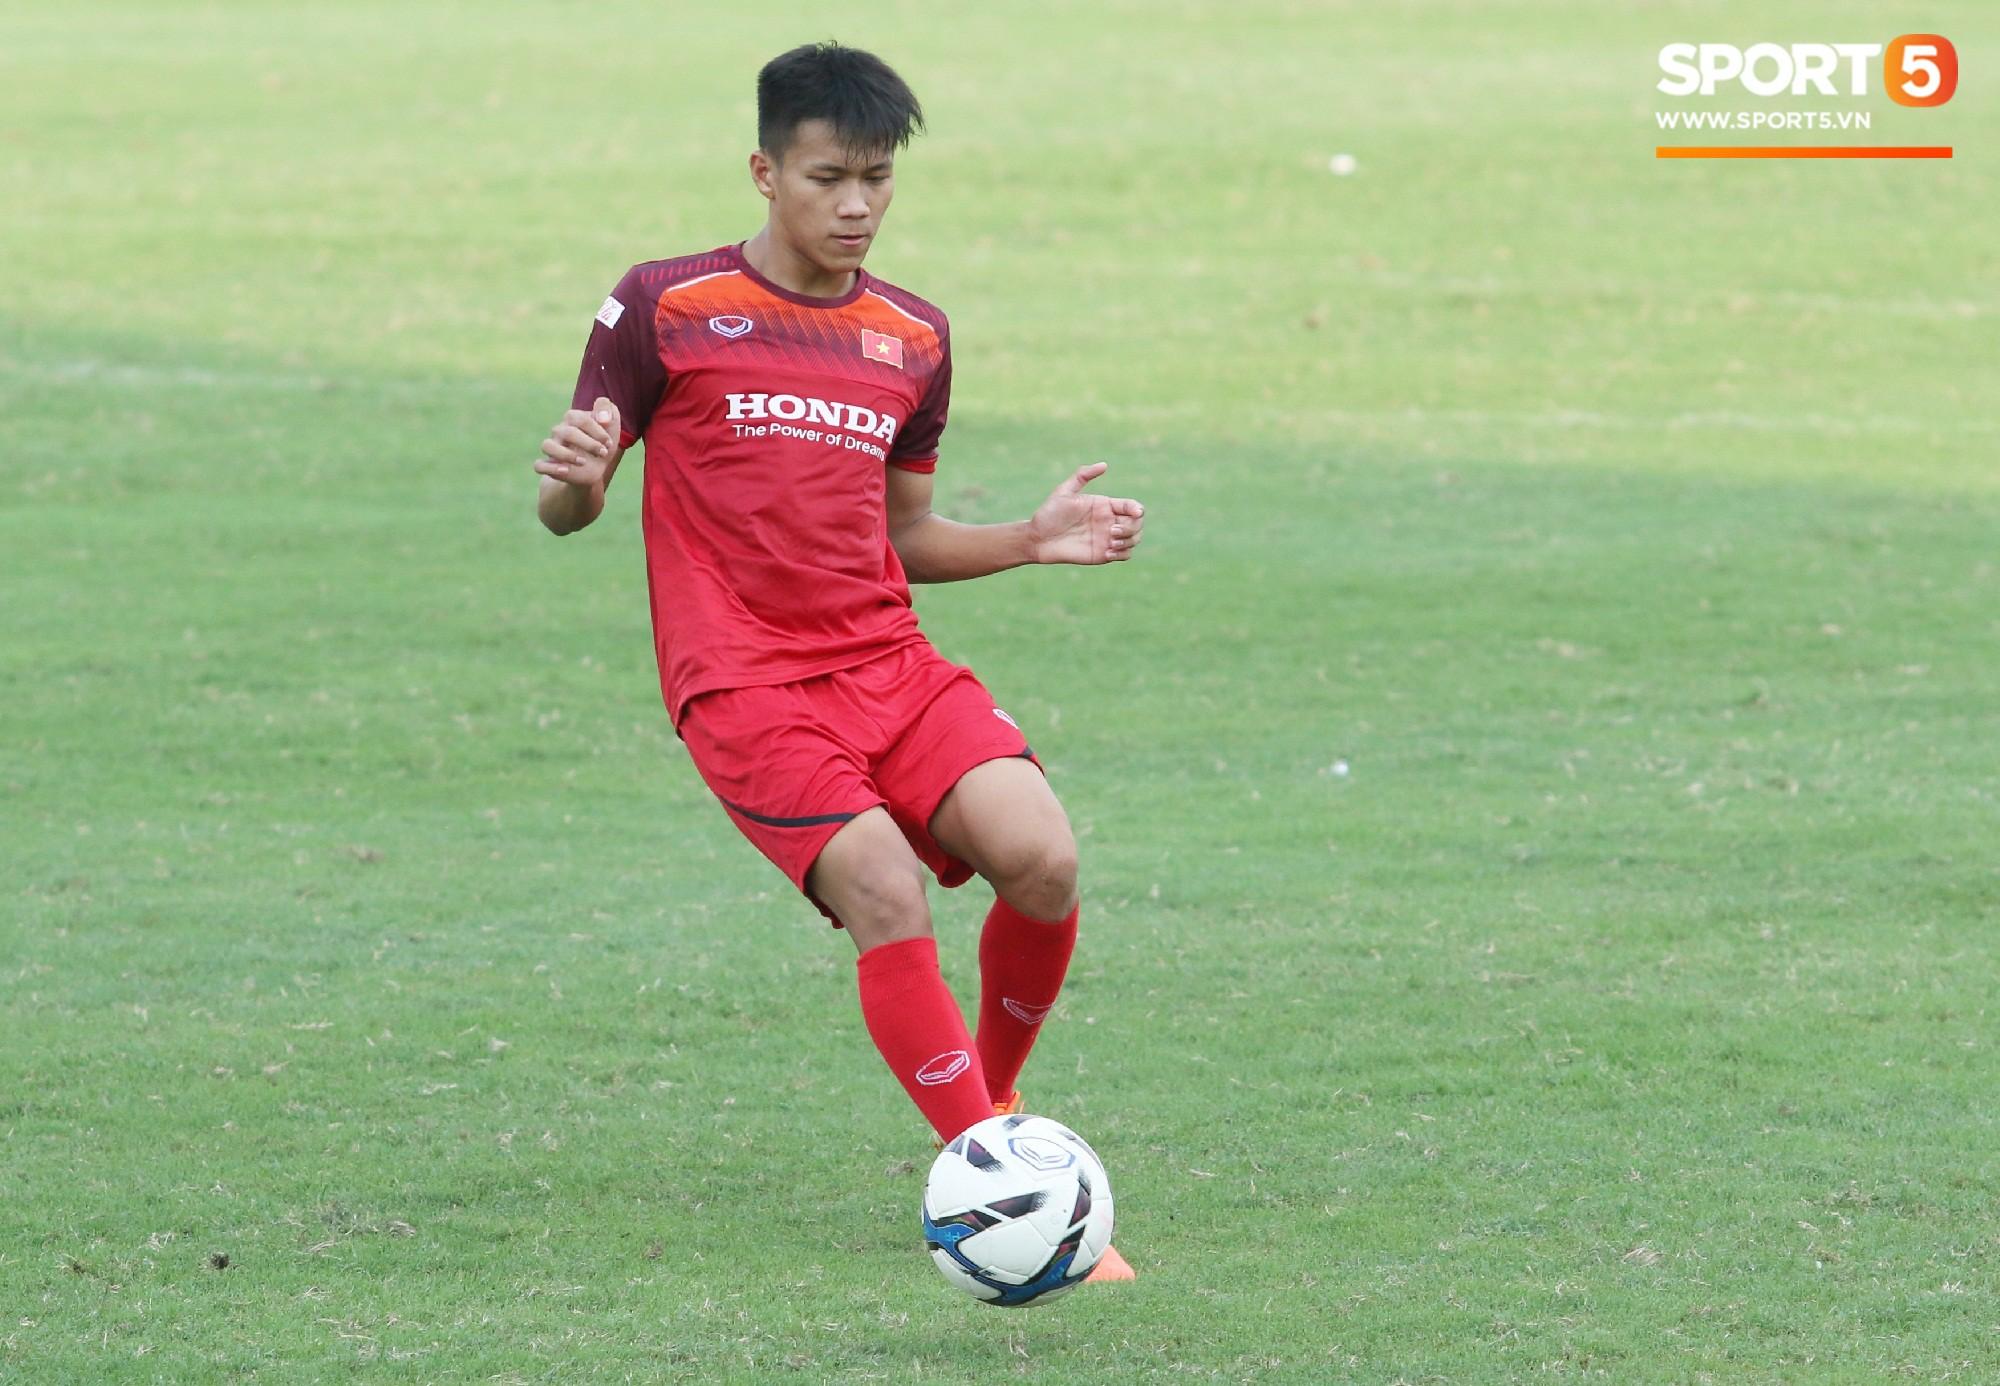 Hot boy Việt kiều chưa thể tập luyện, xót xa nhìn hàng loạt cầu thủ U23 Việt Nam chấn thương - Ảnh 7.